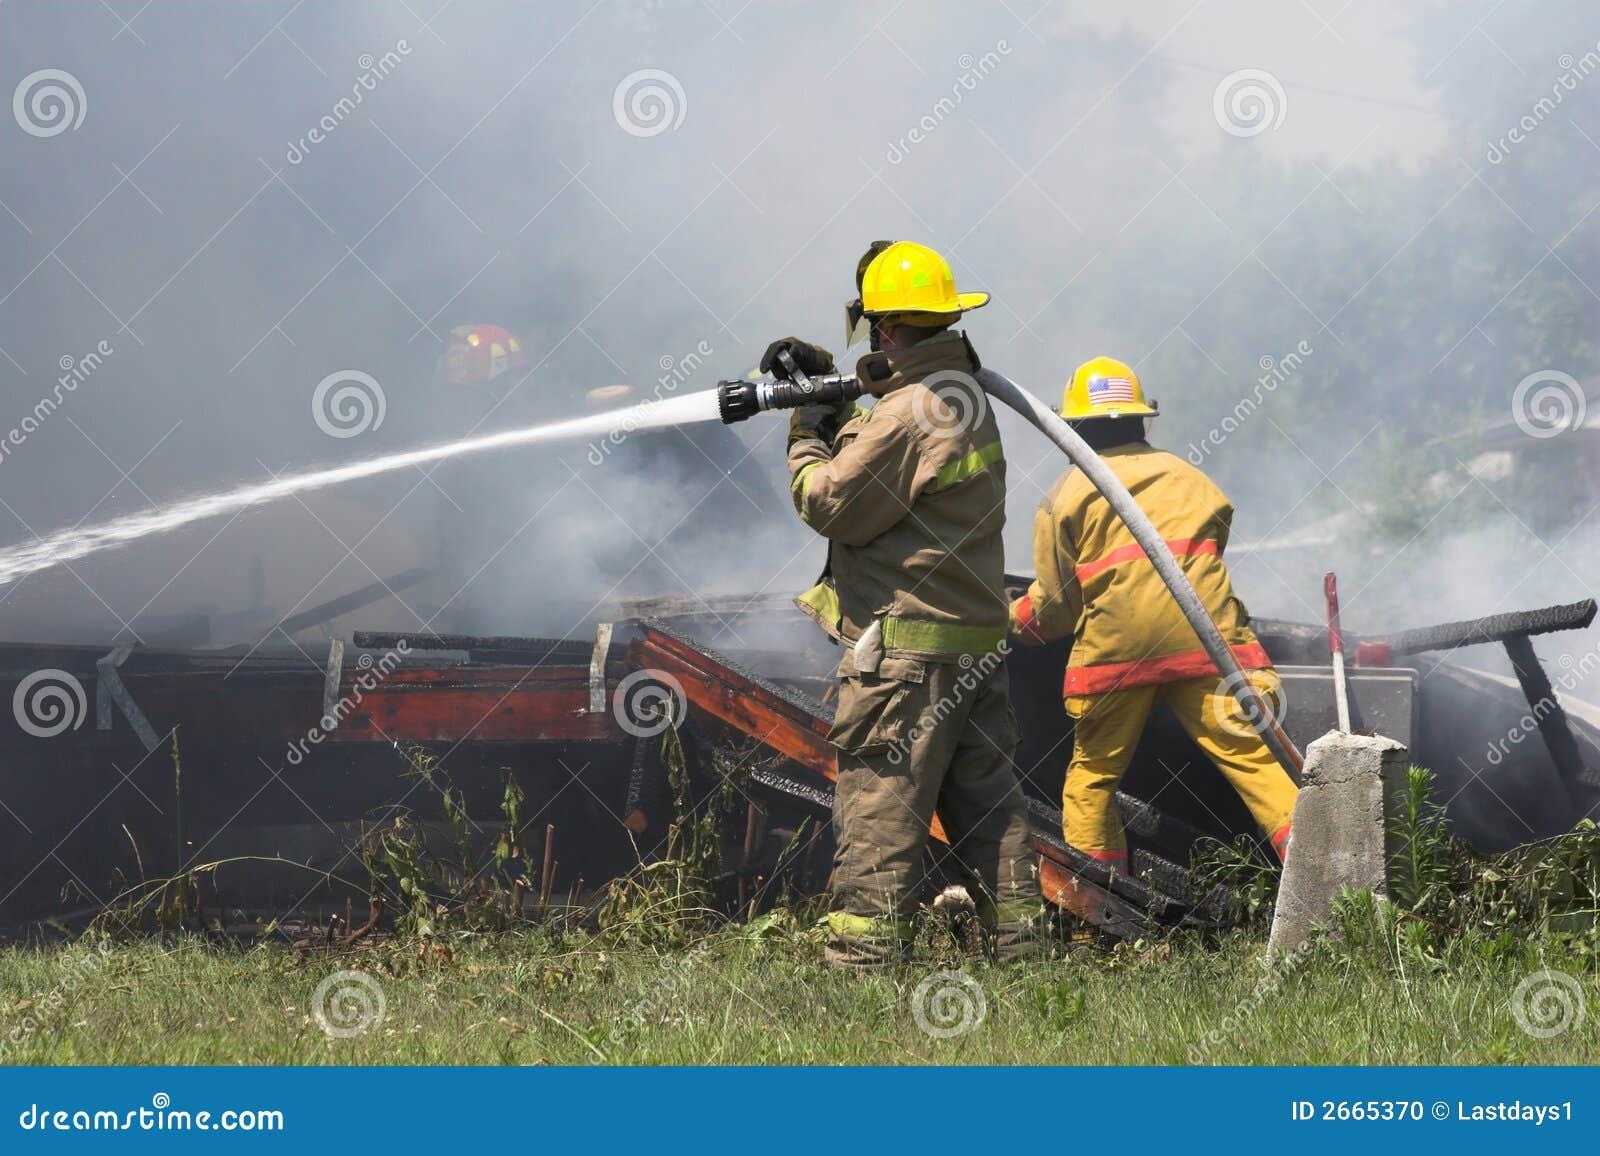 Картинки спасениние природу от огня